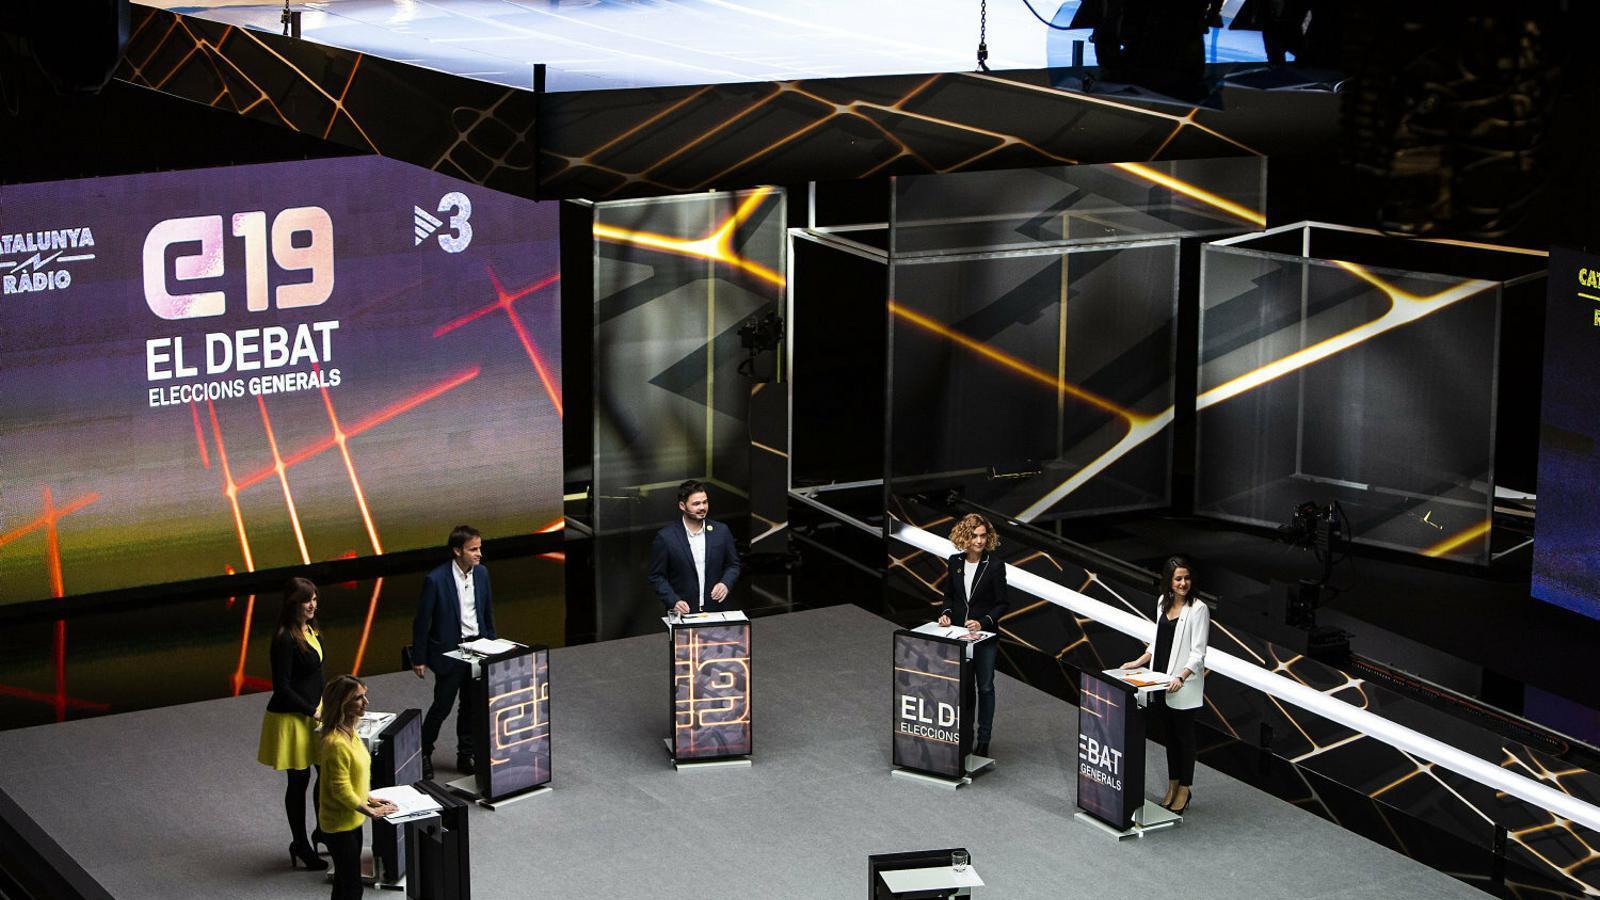 De Toledo, Borràs, Asens, Rufián, Batet i Arrimadas ahir al plató de TV3 on es va fer el debat.